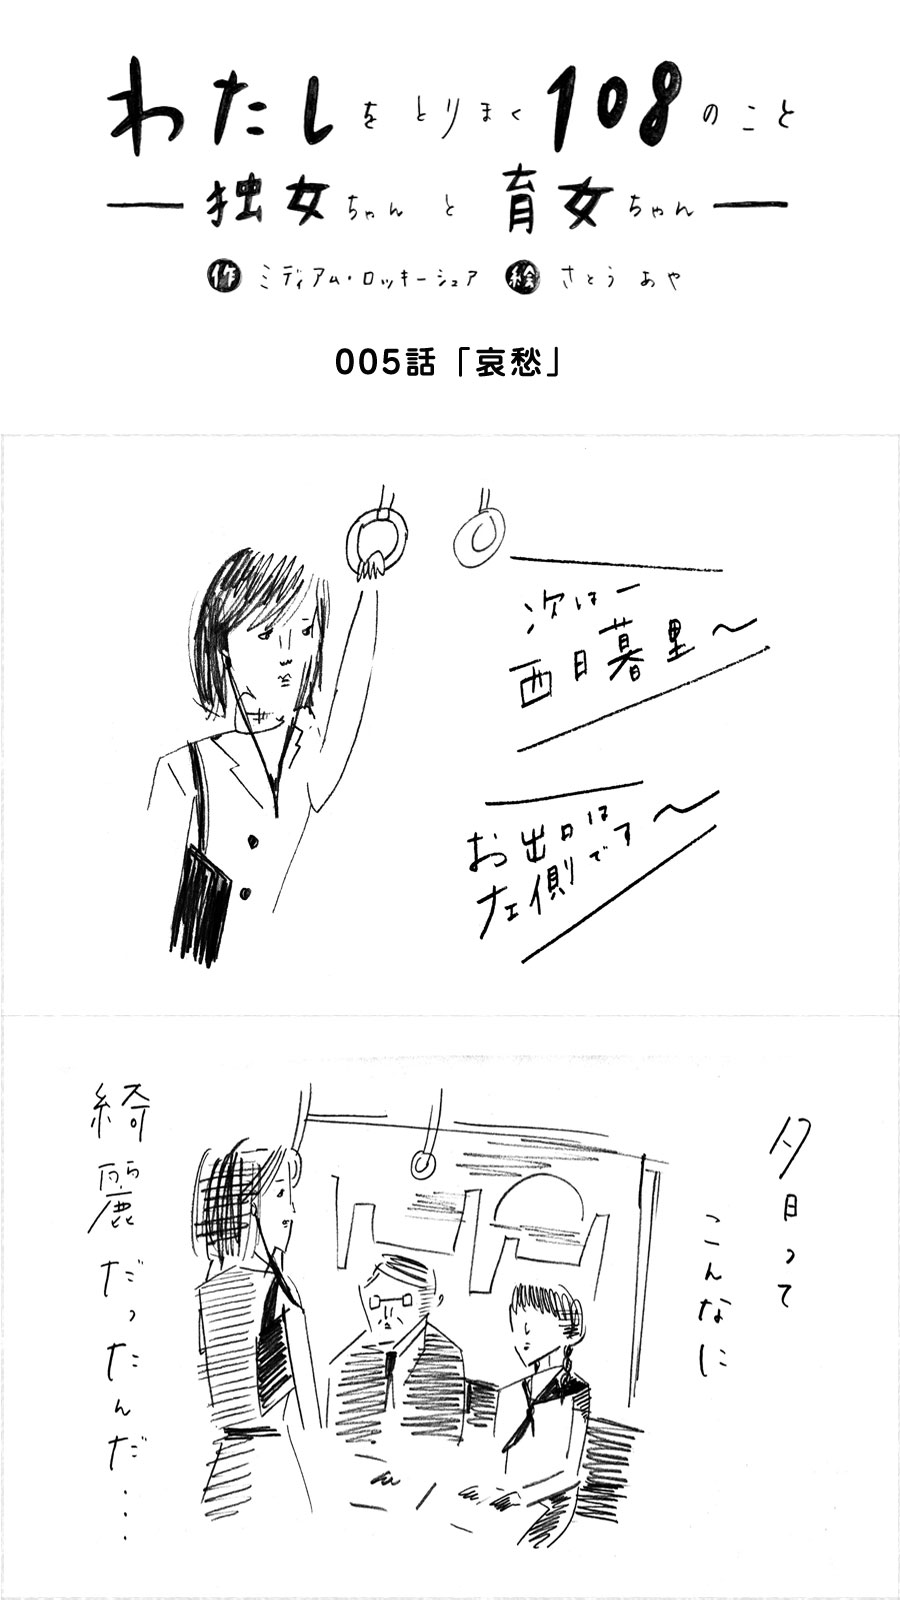 005_独女ちゃん_哀愁_003